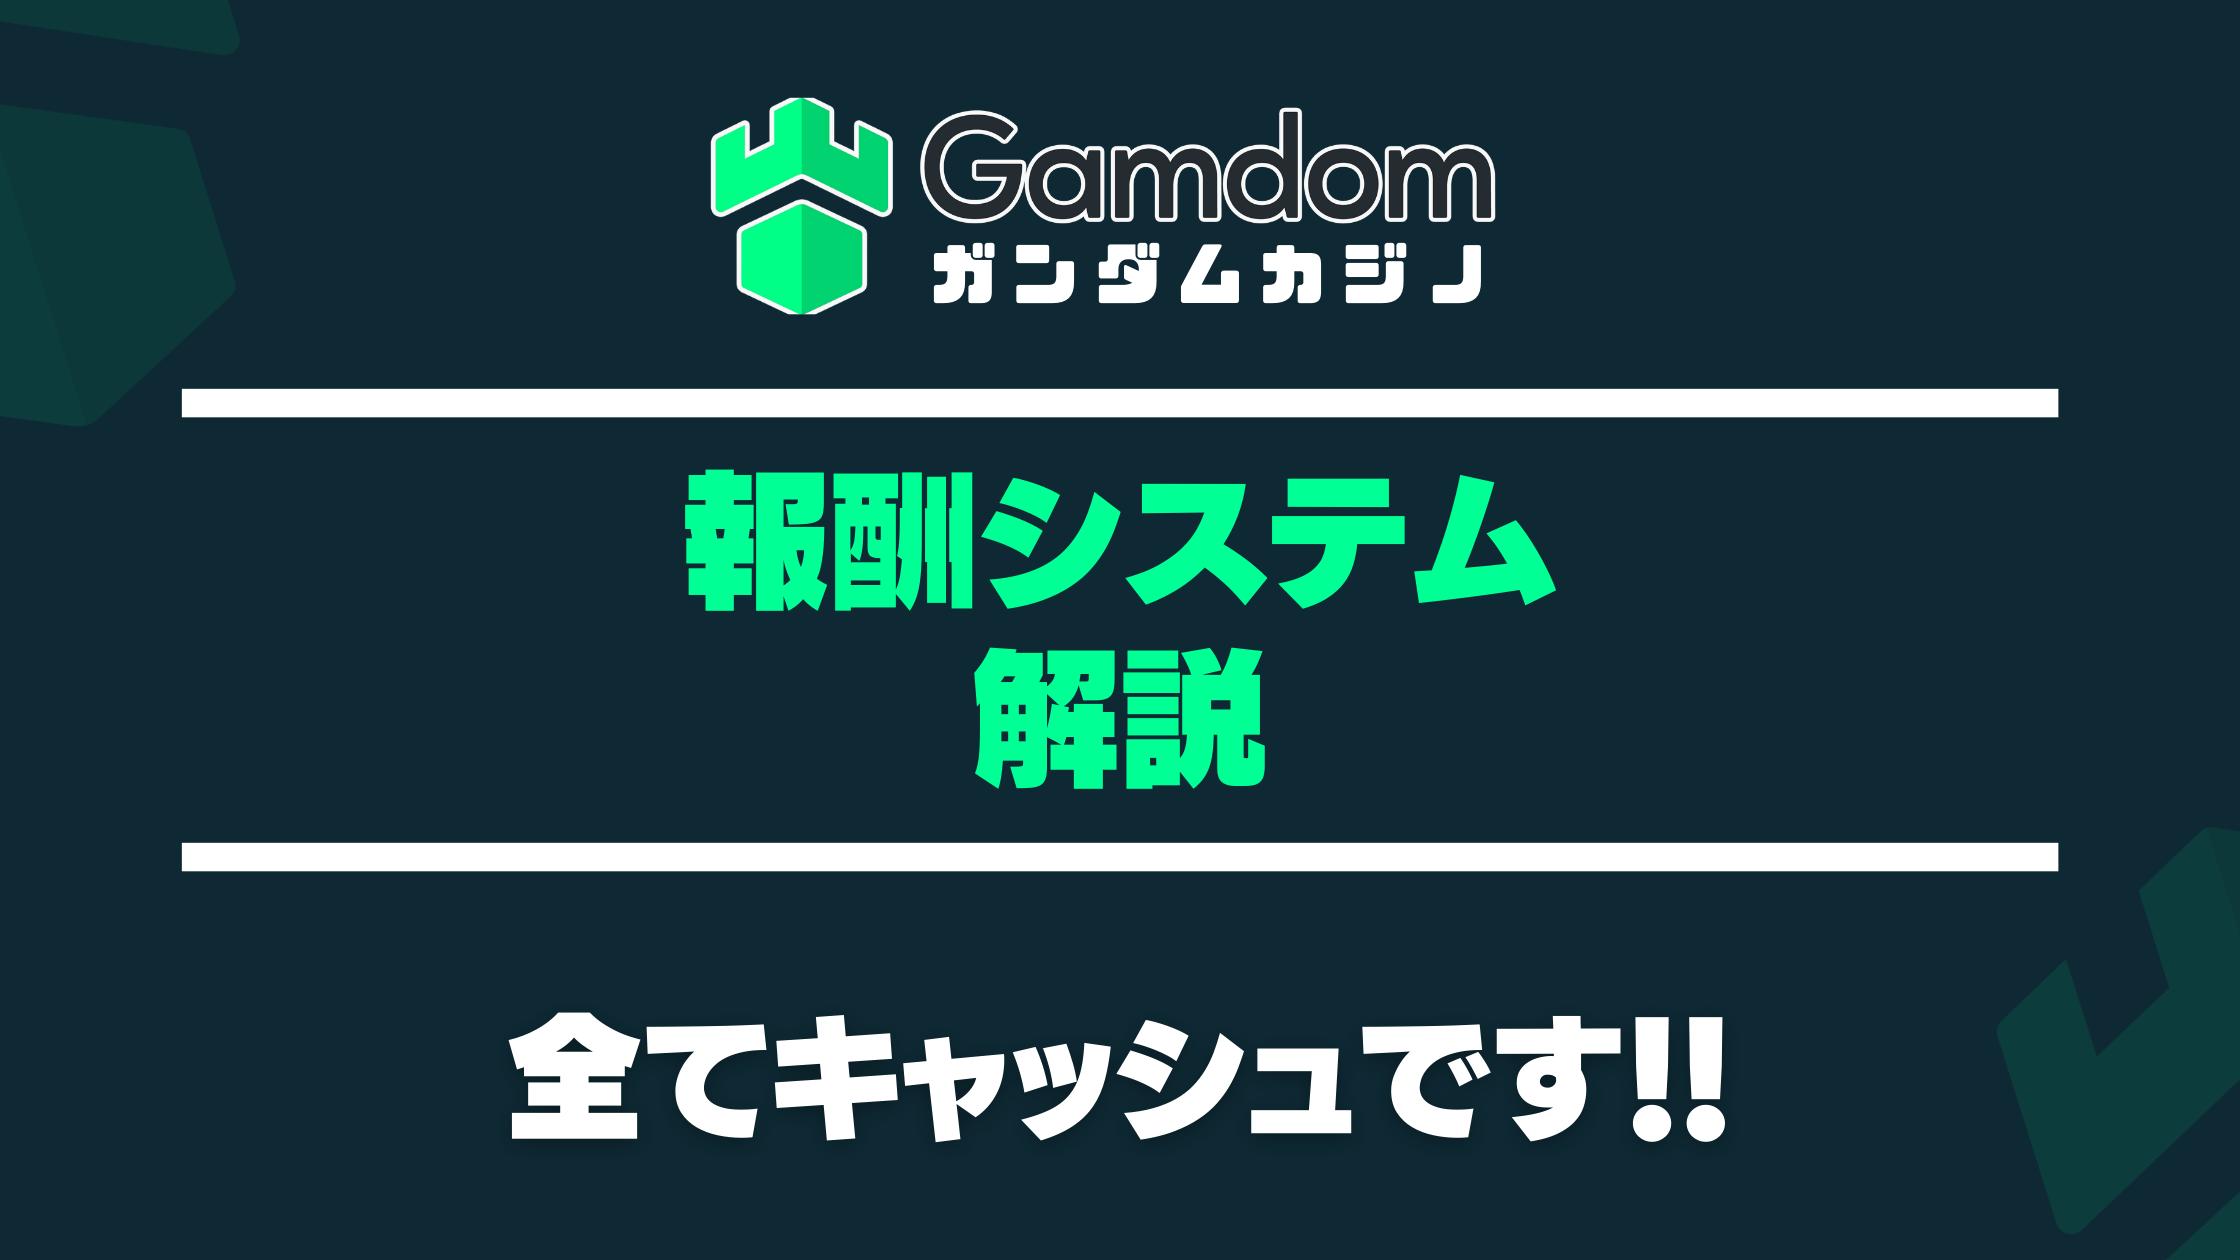 【ガンダムカジノ】キャッシュがガンガンもらえる報酬システムを解説!!